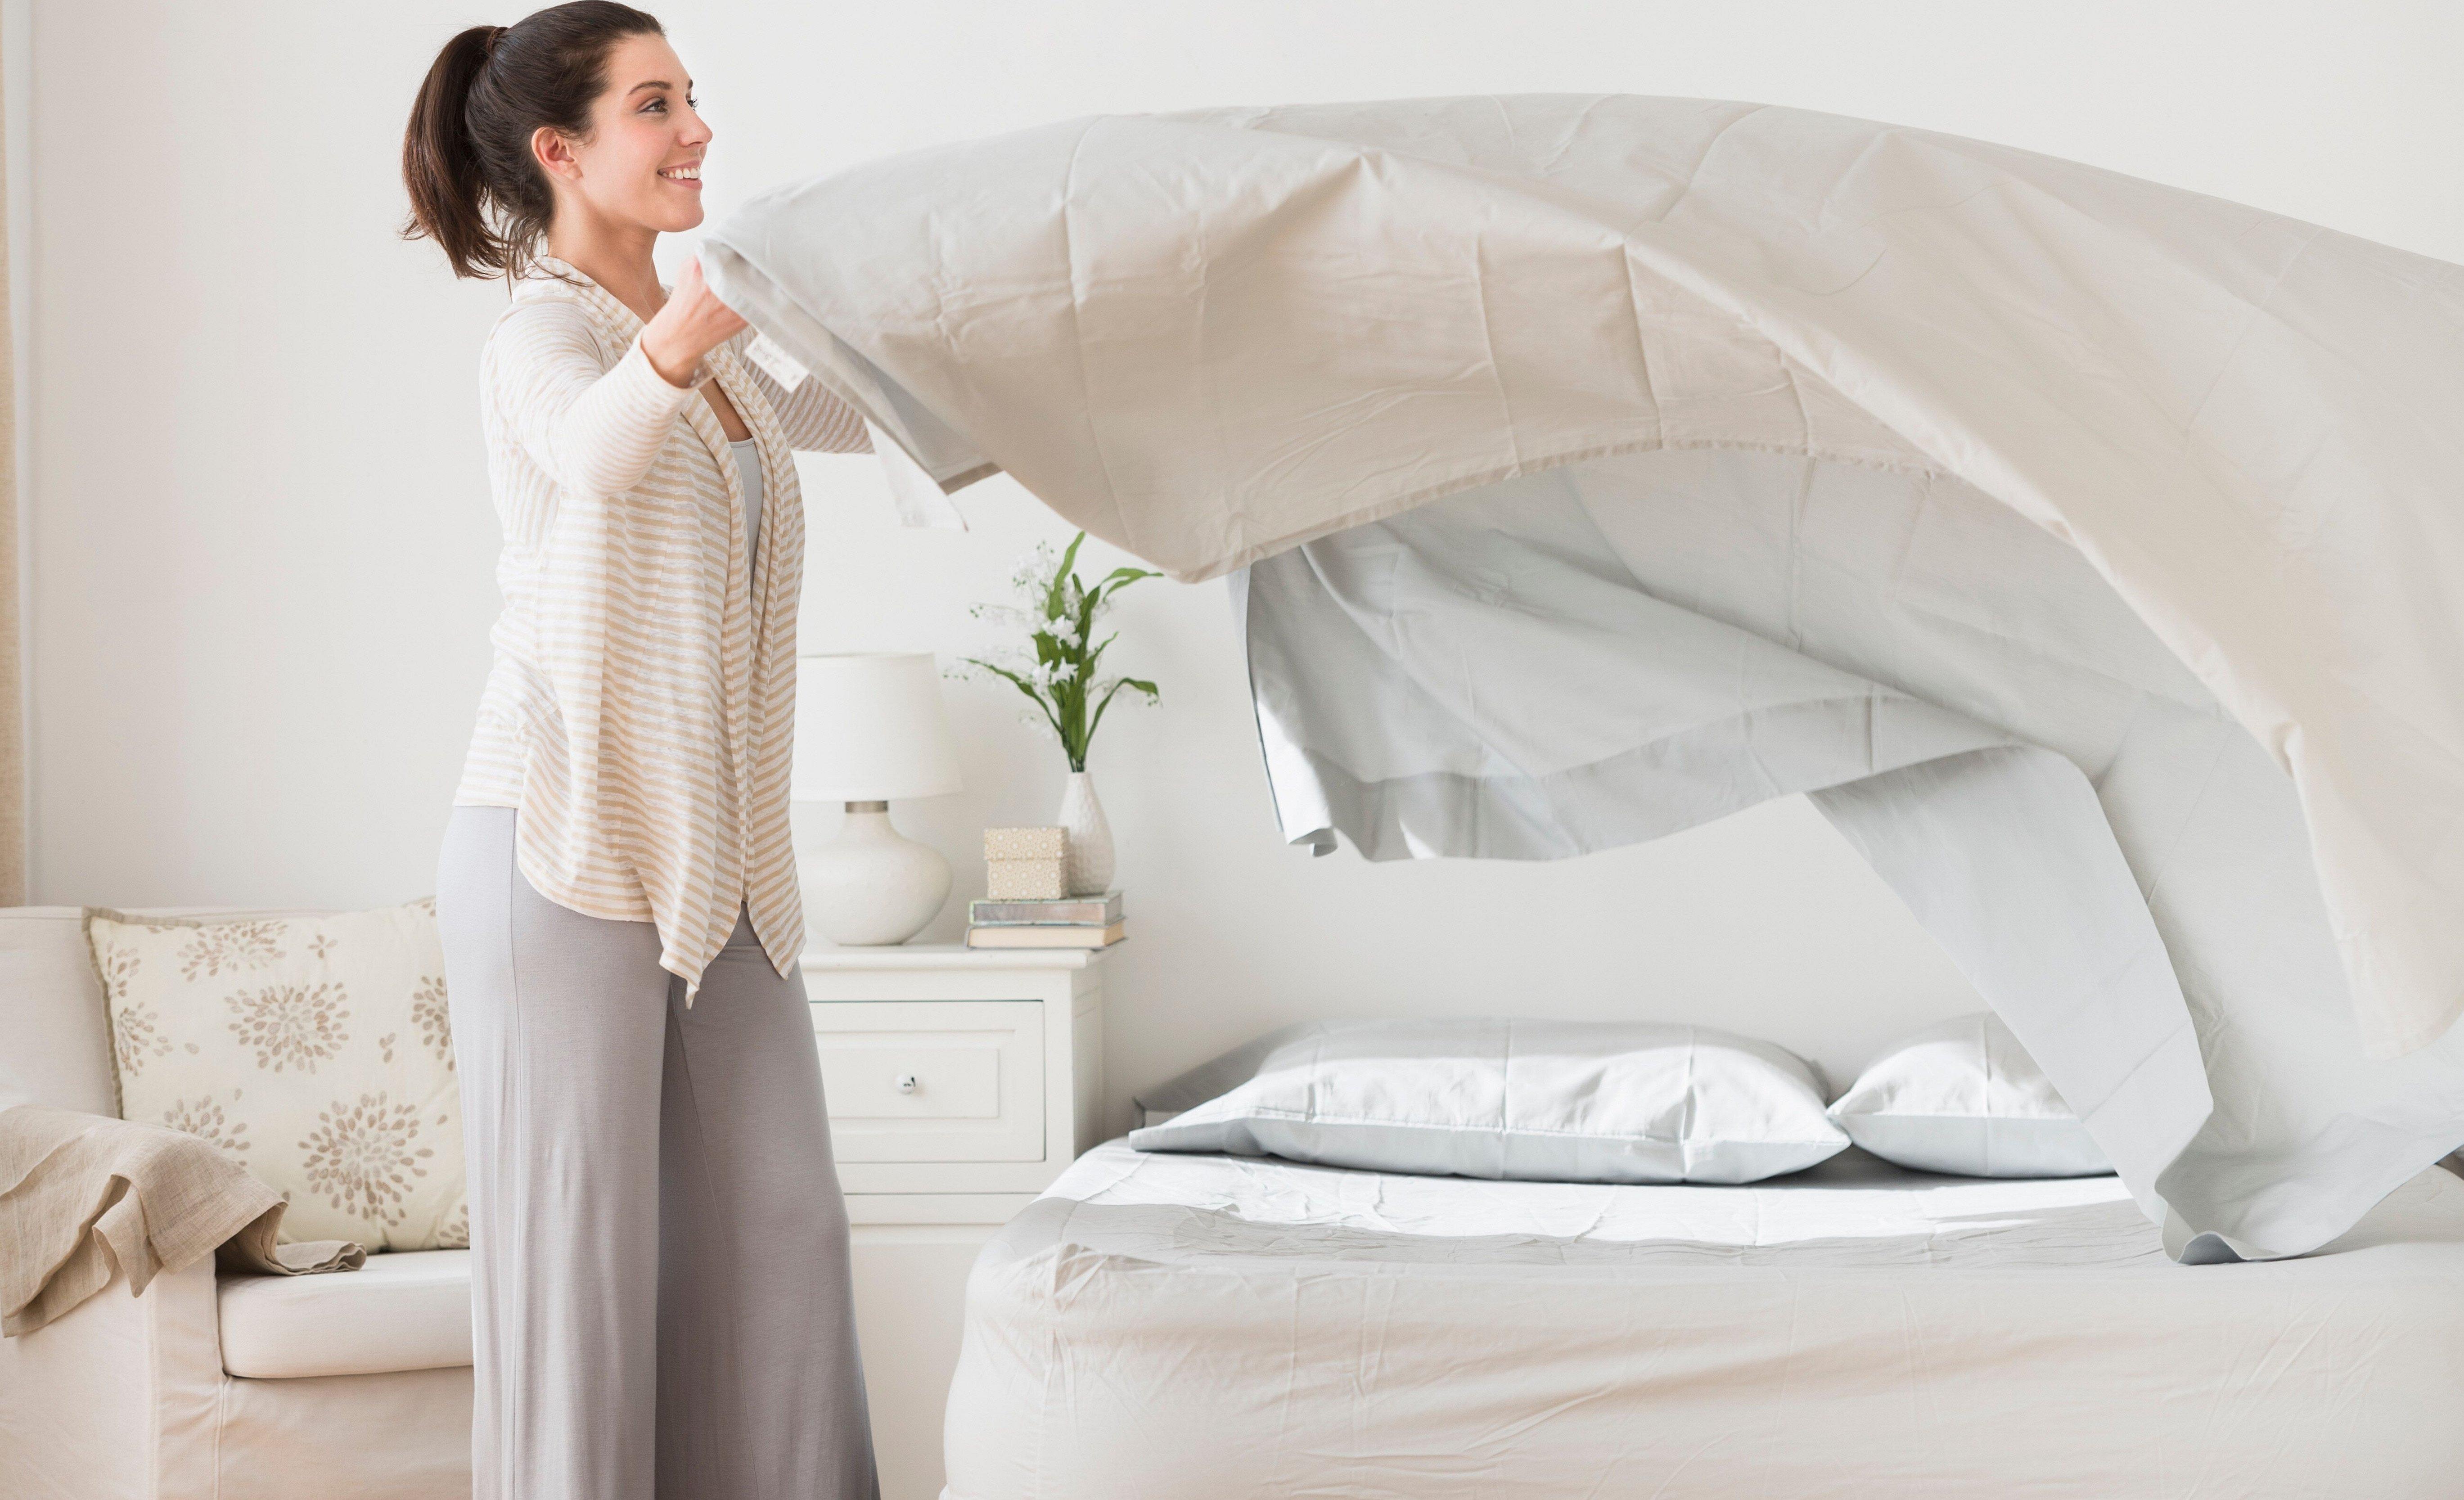 Сон в котором постиранное чистое постельное бельё